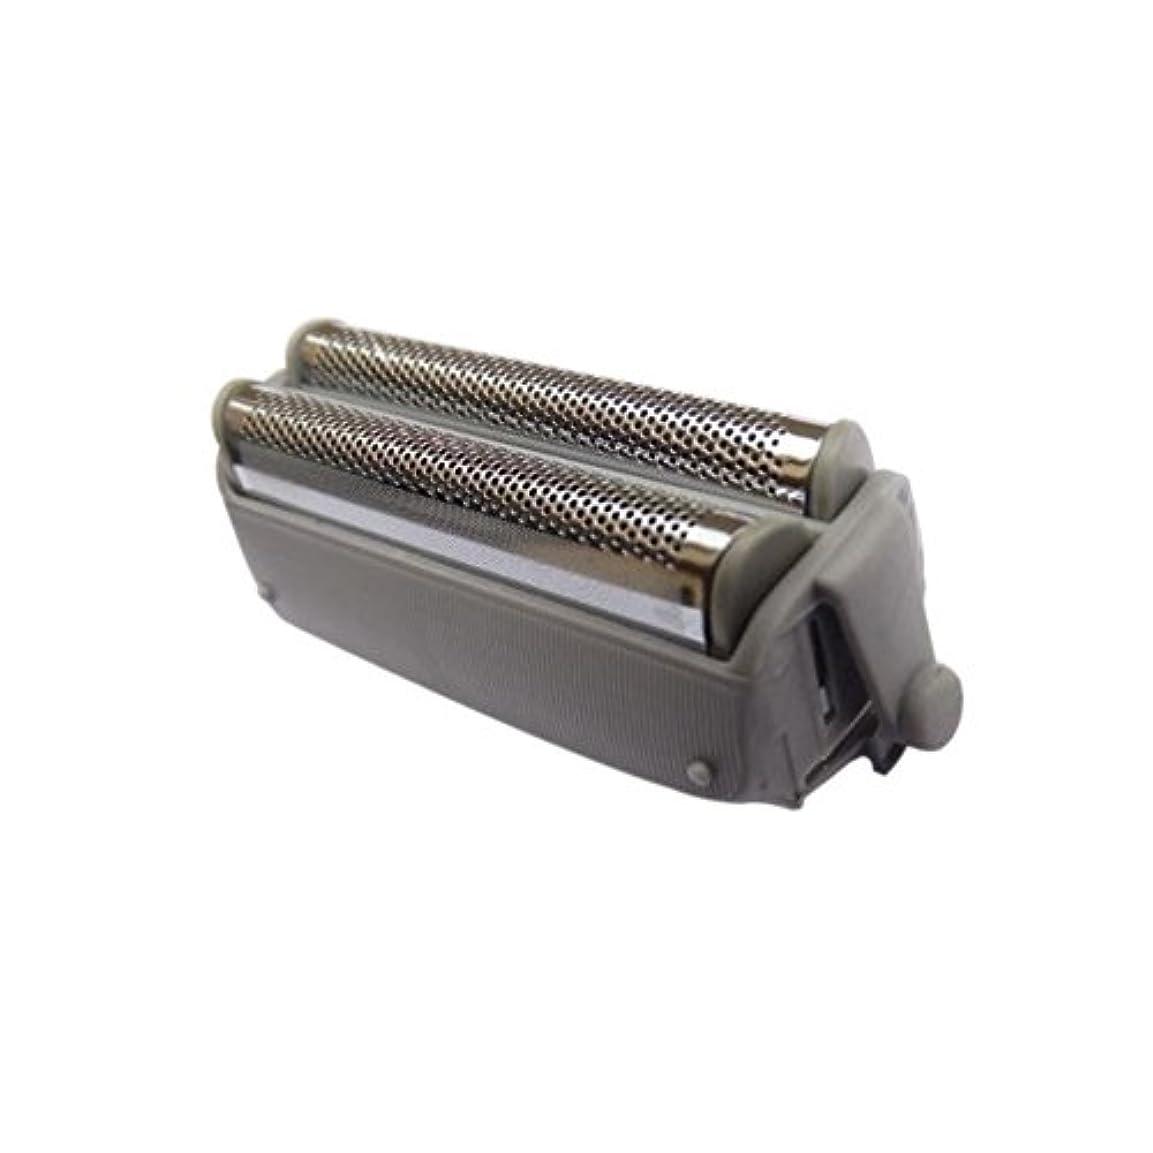 クーポン拡散する改修HZjundasi Replacement Outer ホイル for Panasonic ES4035/RW30 ES9859